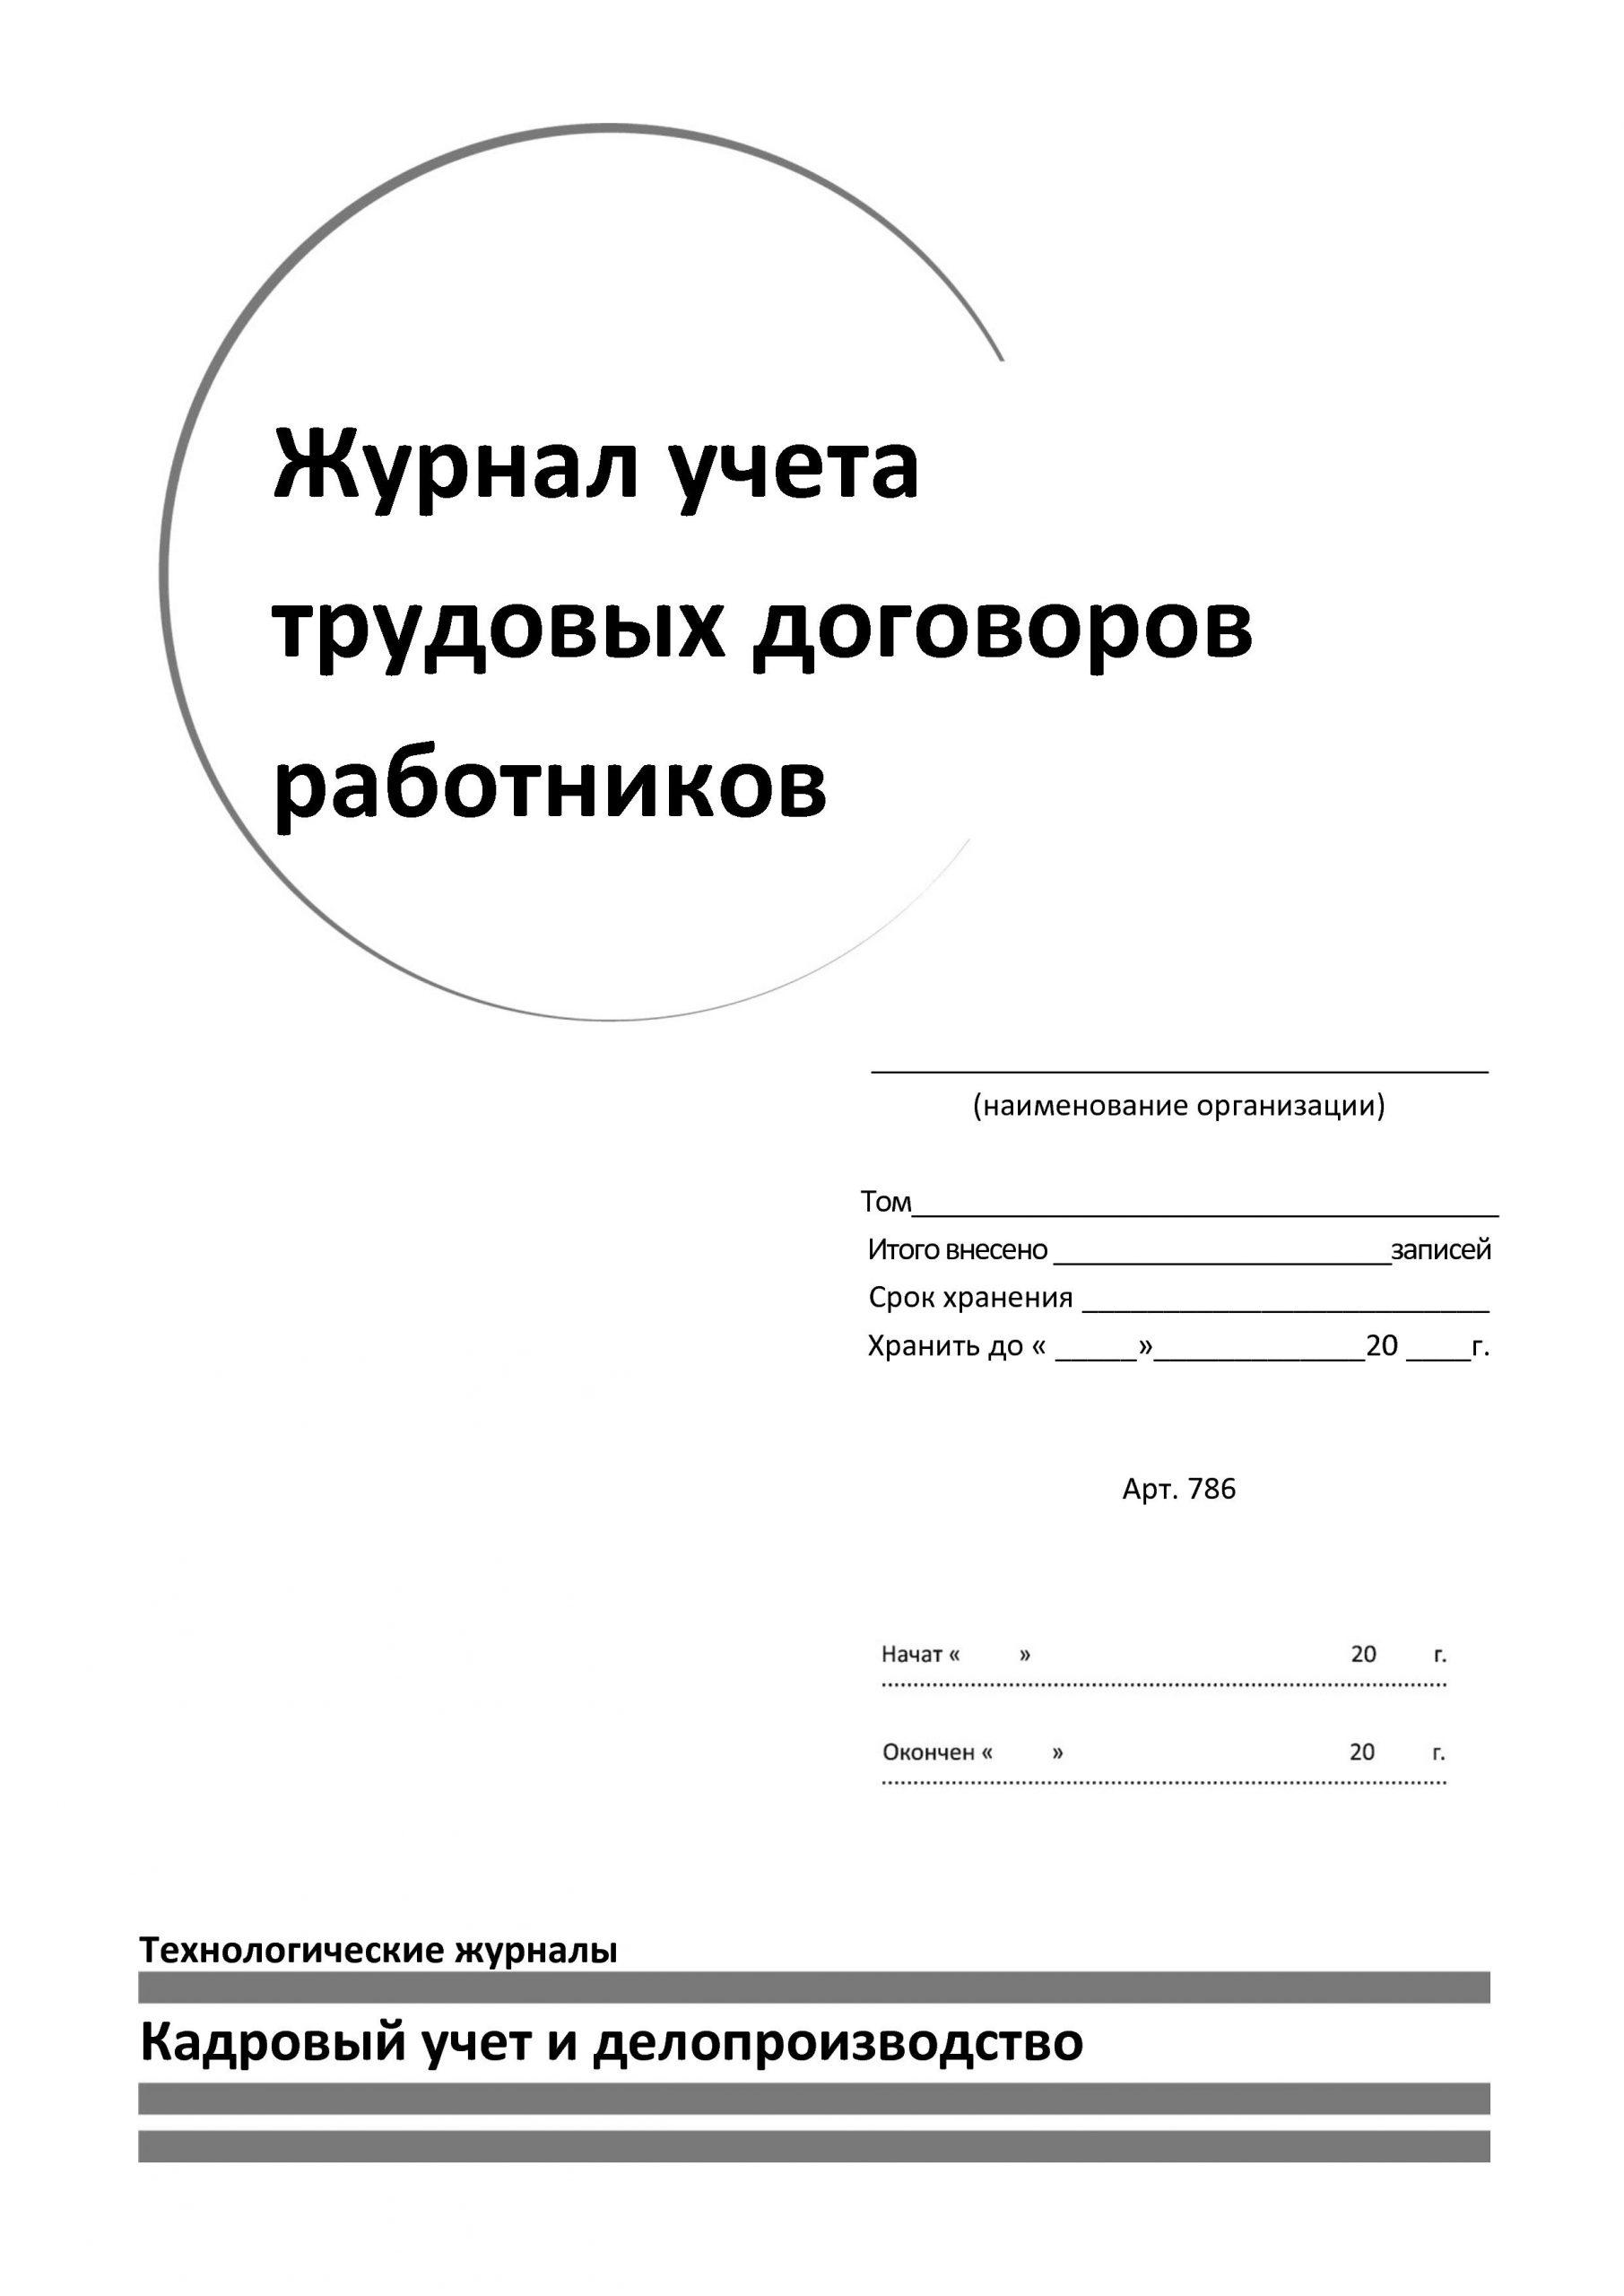 Печать журналов учета в Москве | фото 8